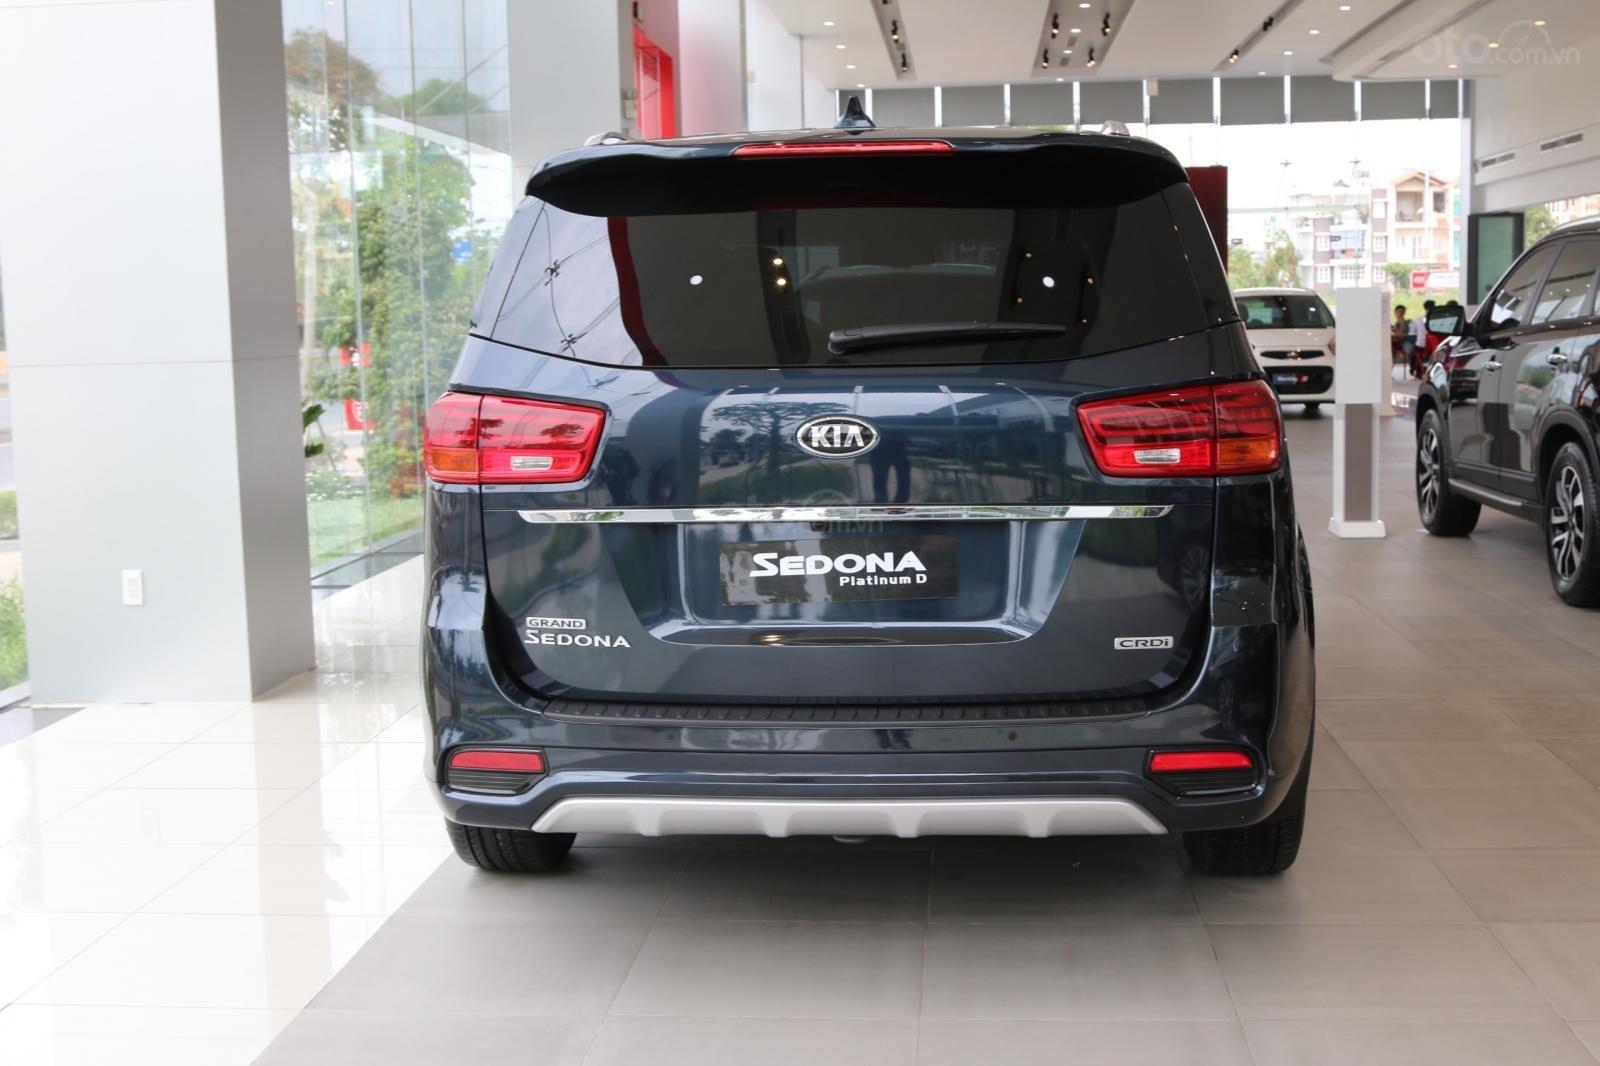 Kia Sedona - giảm giá tiền mặt / tặng bảo hiểm + camera hành trình - liên hệ PKD Kia Bình Tân 093 317 0660-2